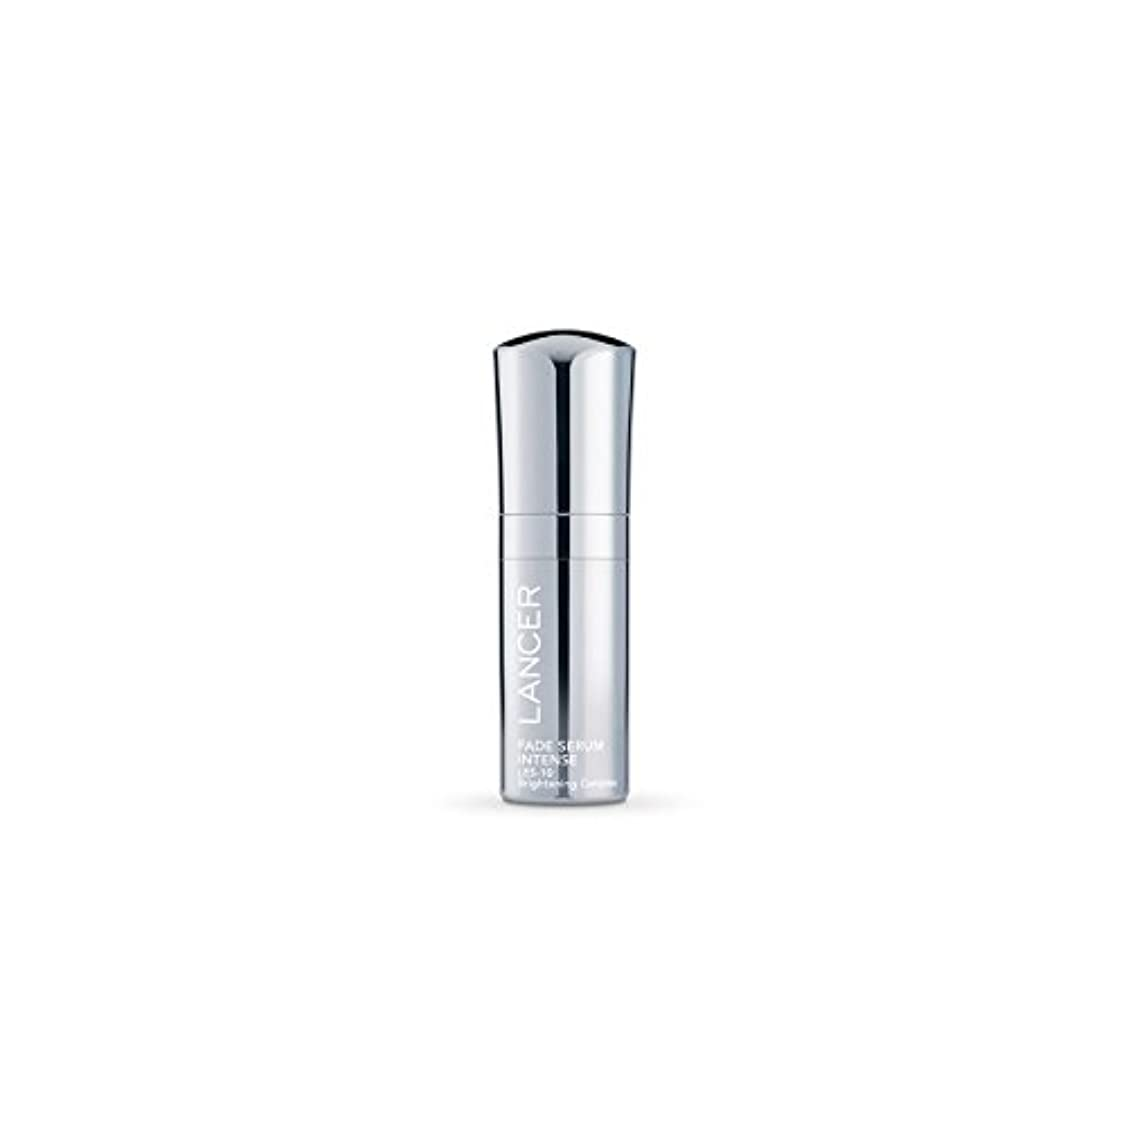 失業者換気する極めて強烈ランサースキンケアフェード血清(30ミリリットル) x4 - Lancer Skincare Fade Serum Intense (30ml) (Pack of 4) [並行輸入品]